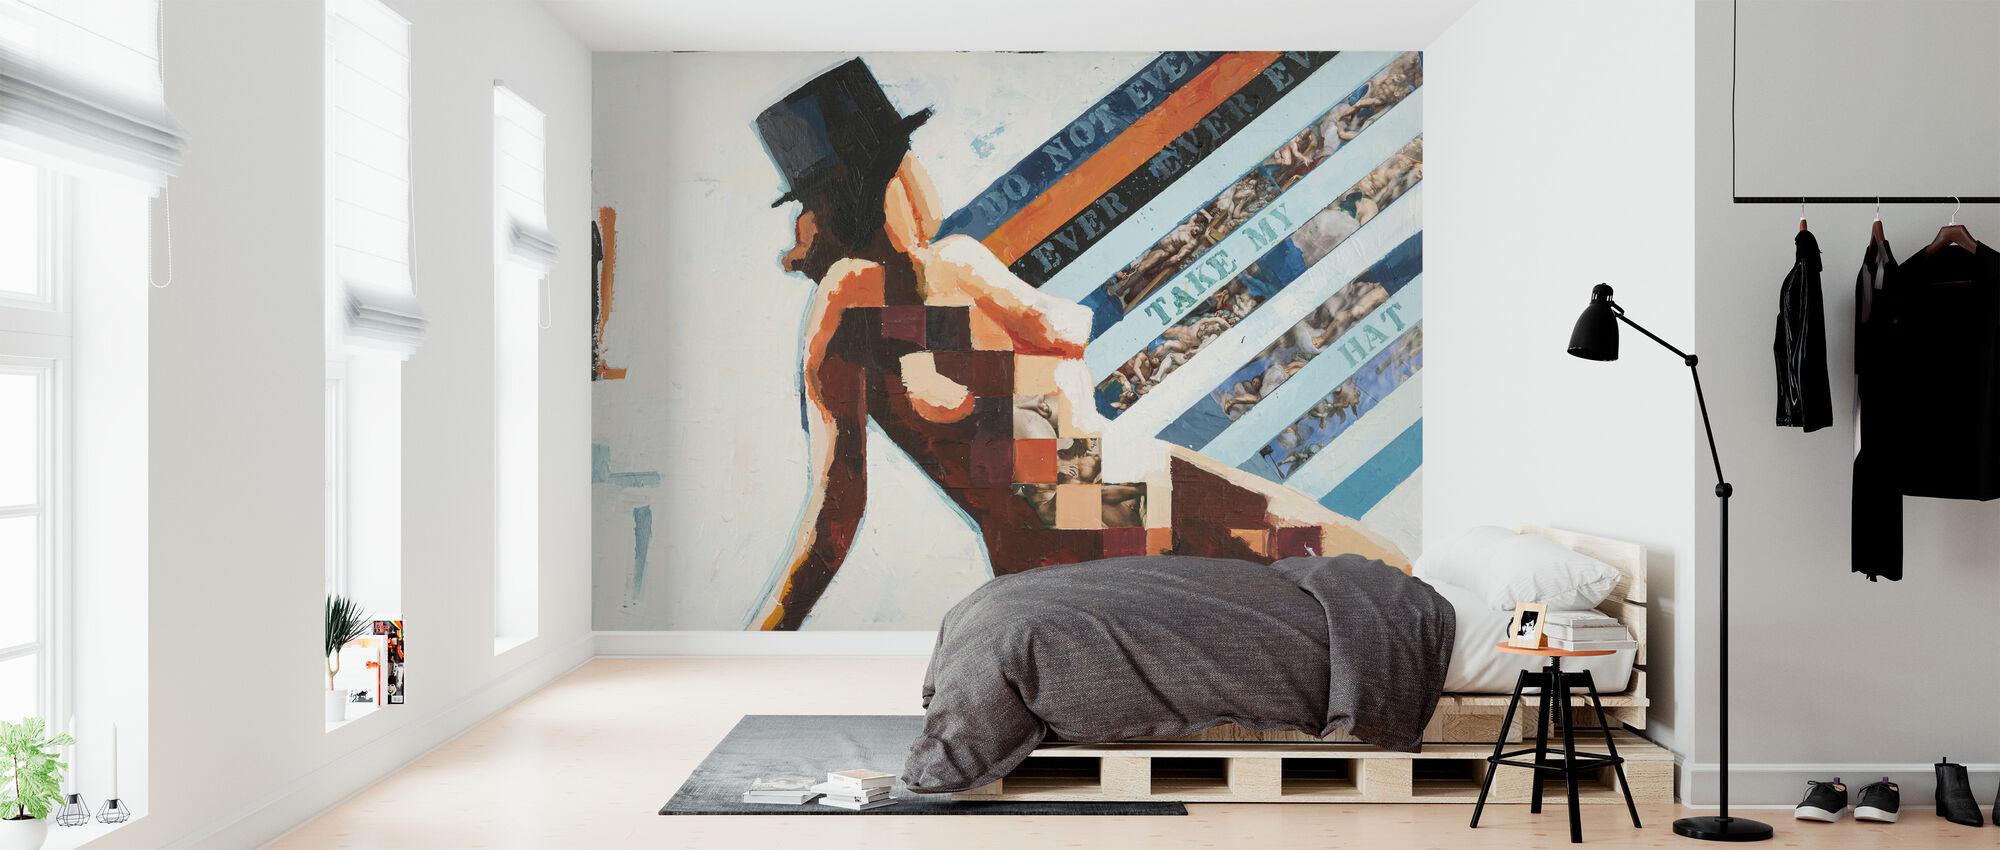 Hat - Wallpaper - Bedroom